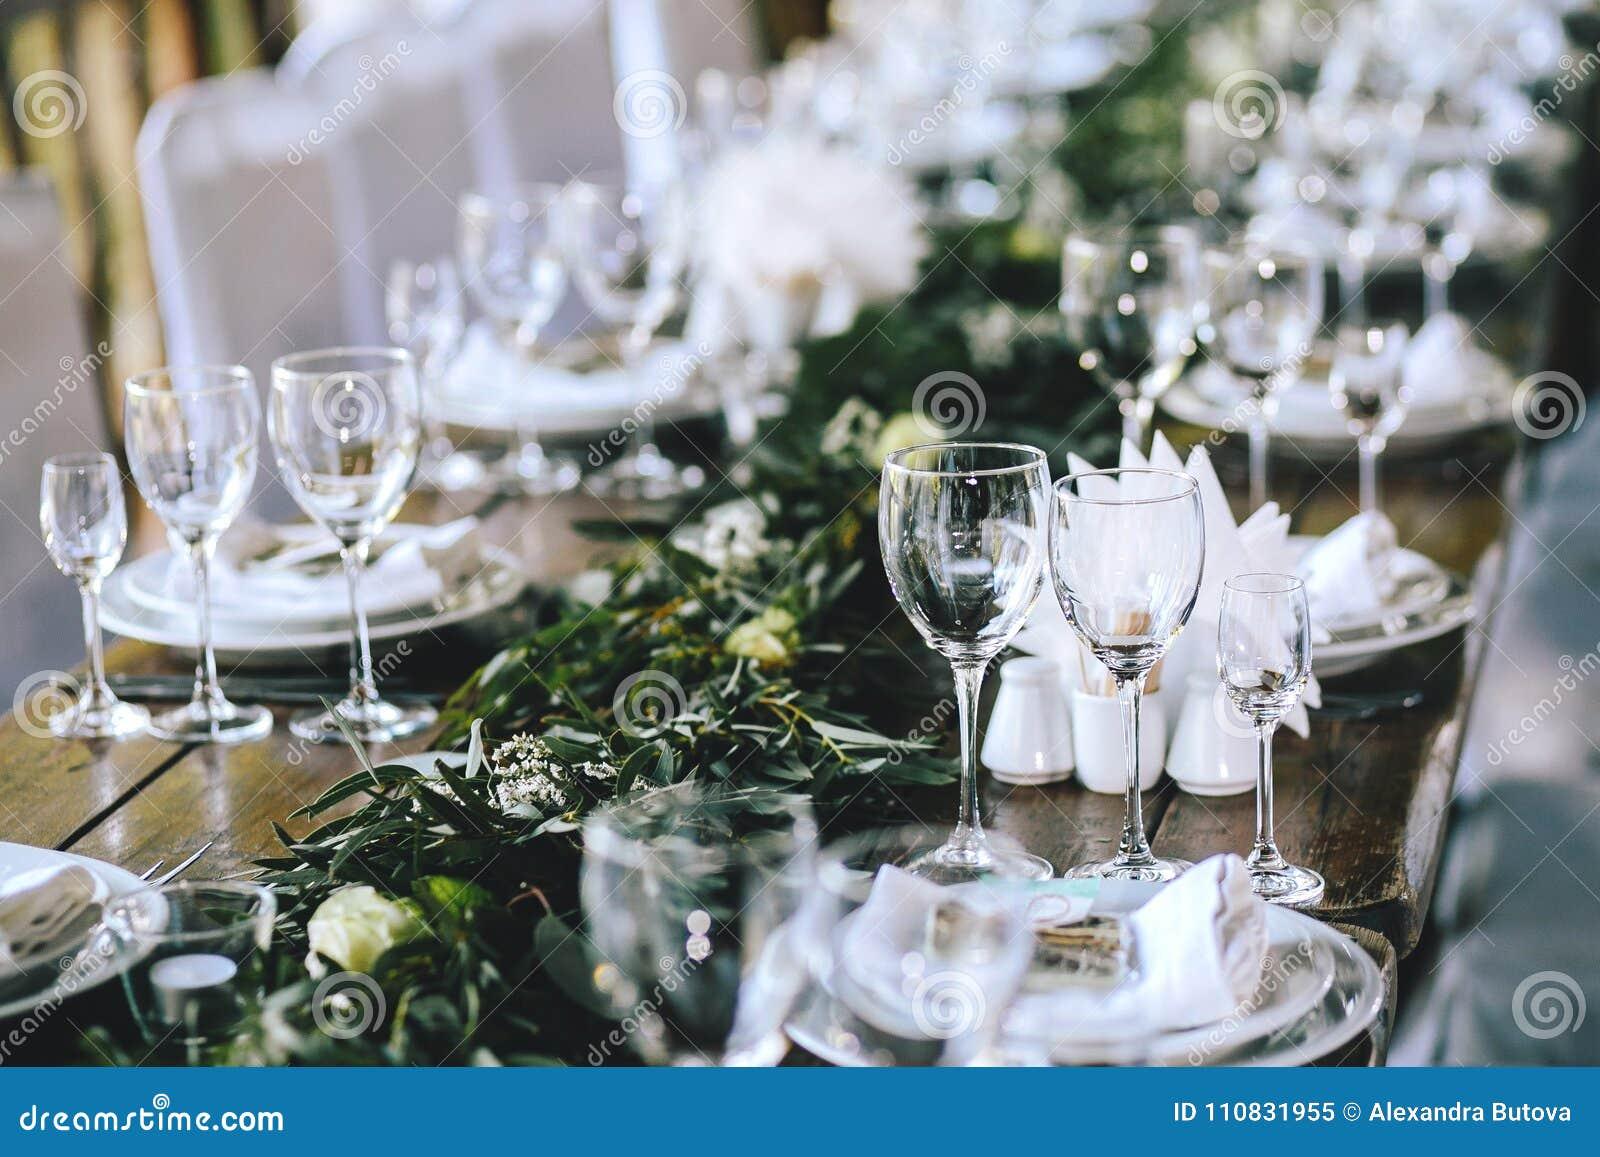 Dekorujący elegancki drewniany ślubu stół w wieśniaka stylu z eukaliptusem, kwiaty, porcelana talerze i szkła,